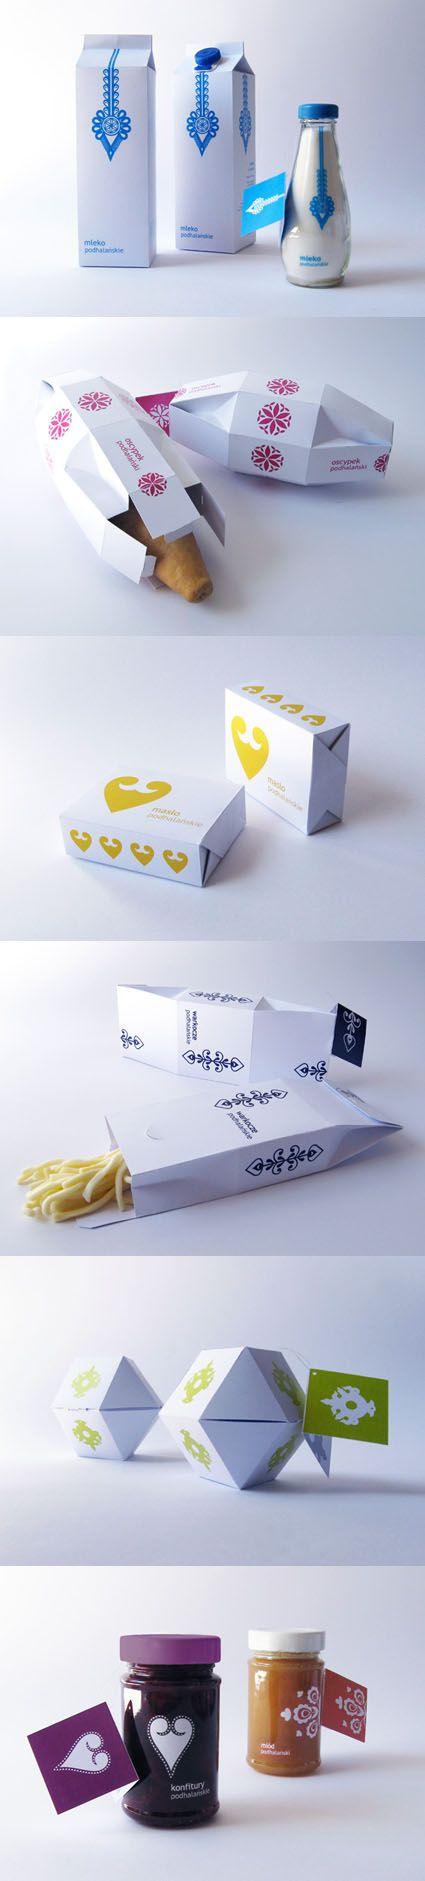 food packaging folk style